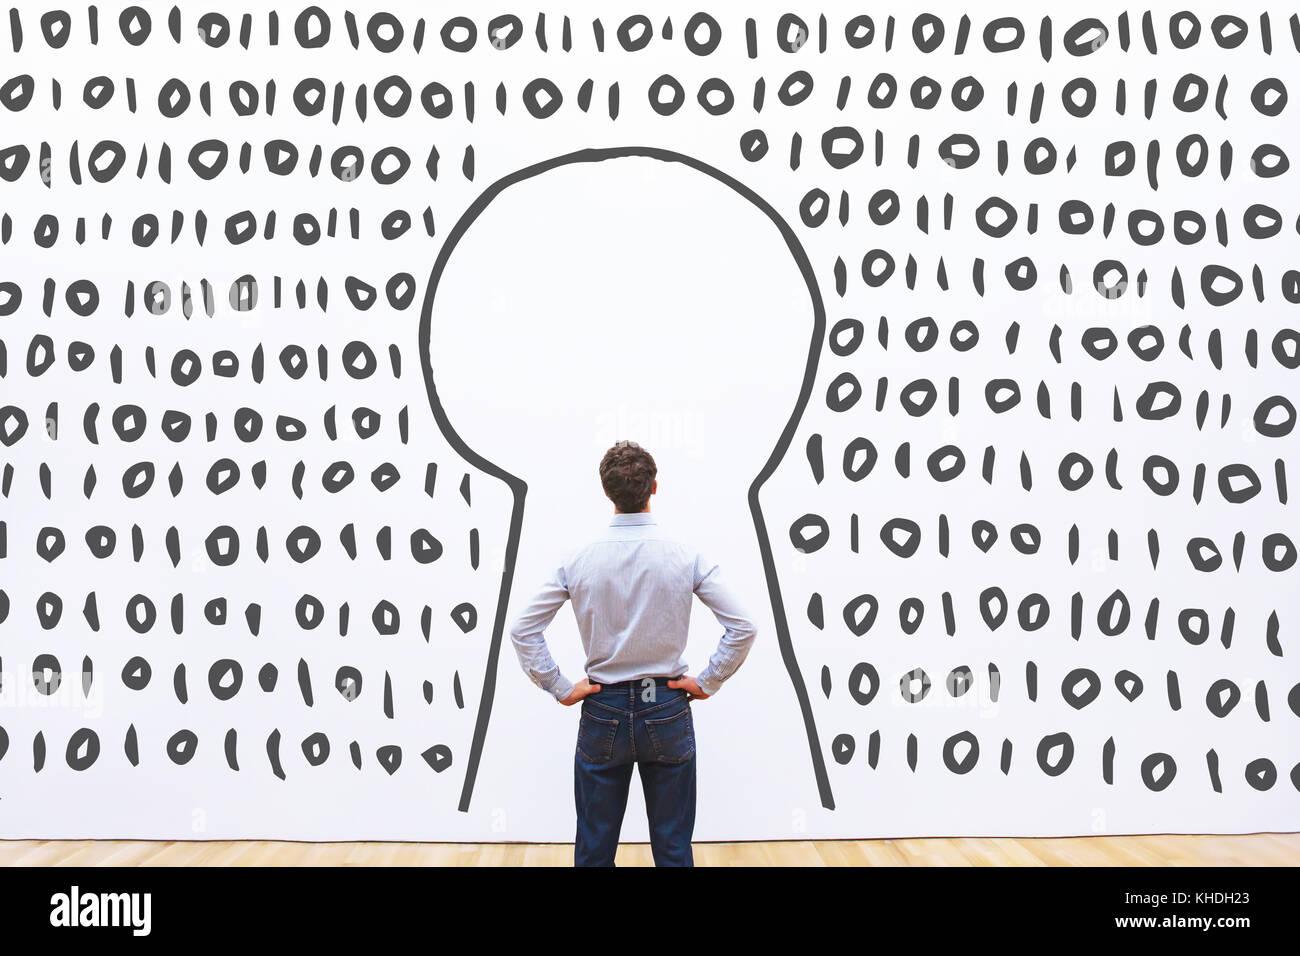 L'accès aux données numériques sur serveur, login sécurisé concept Photo Stock